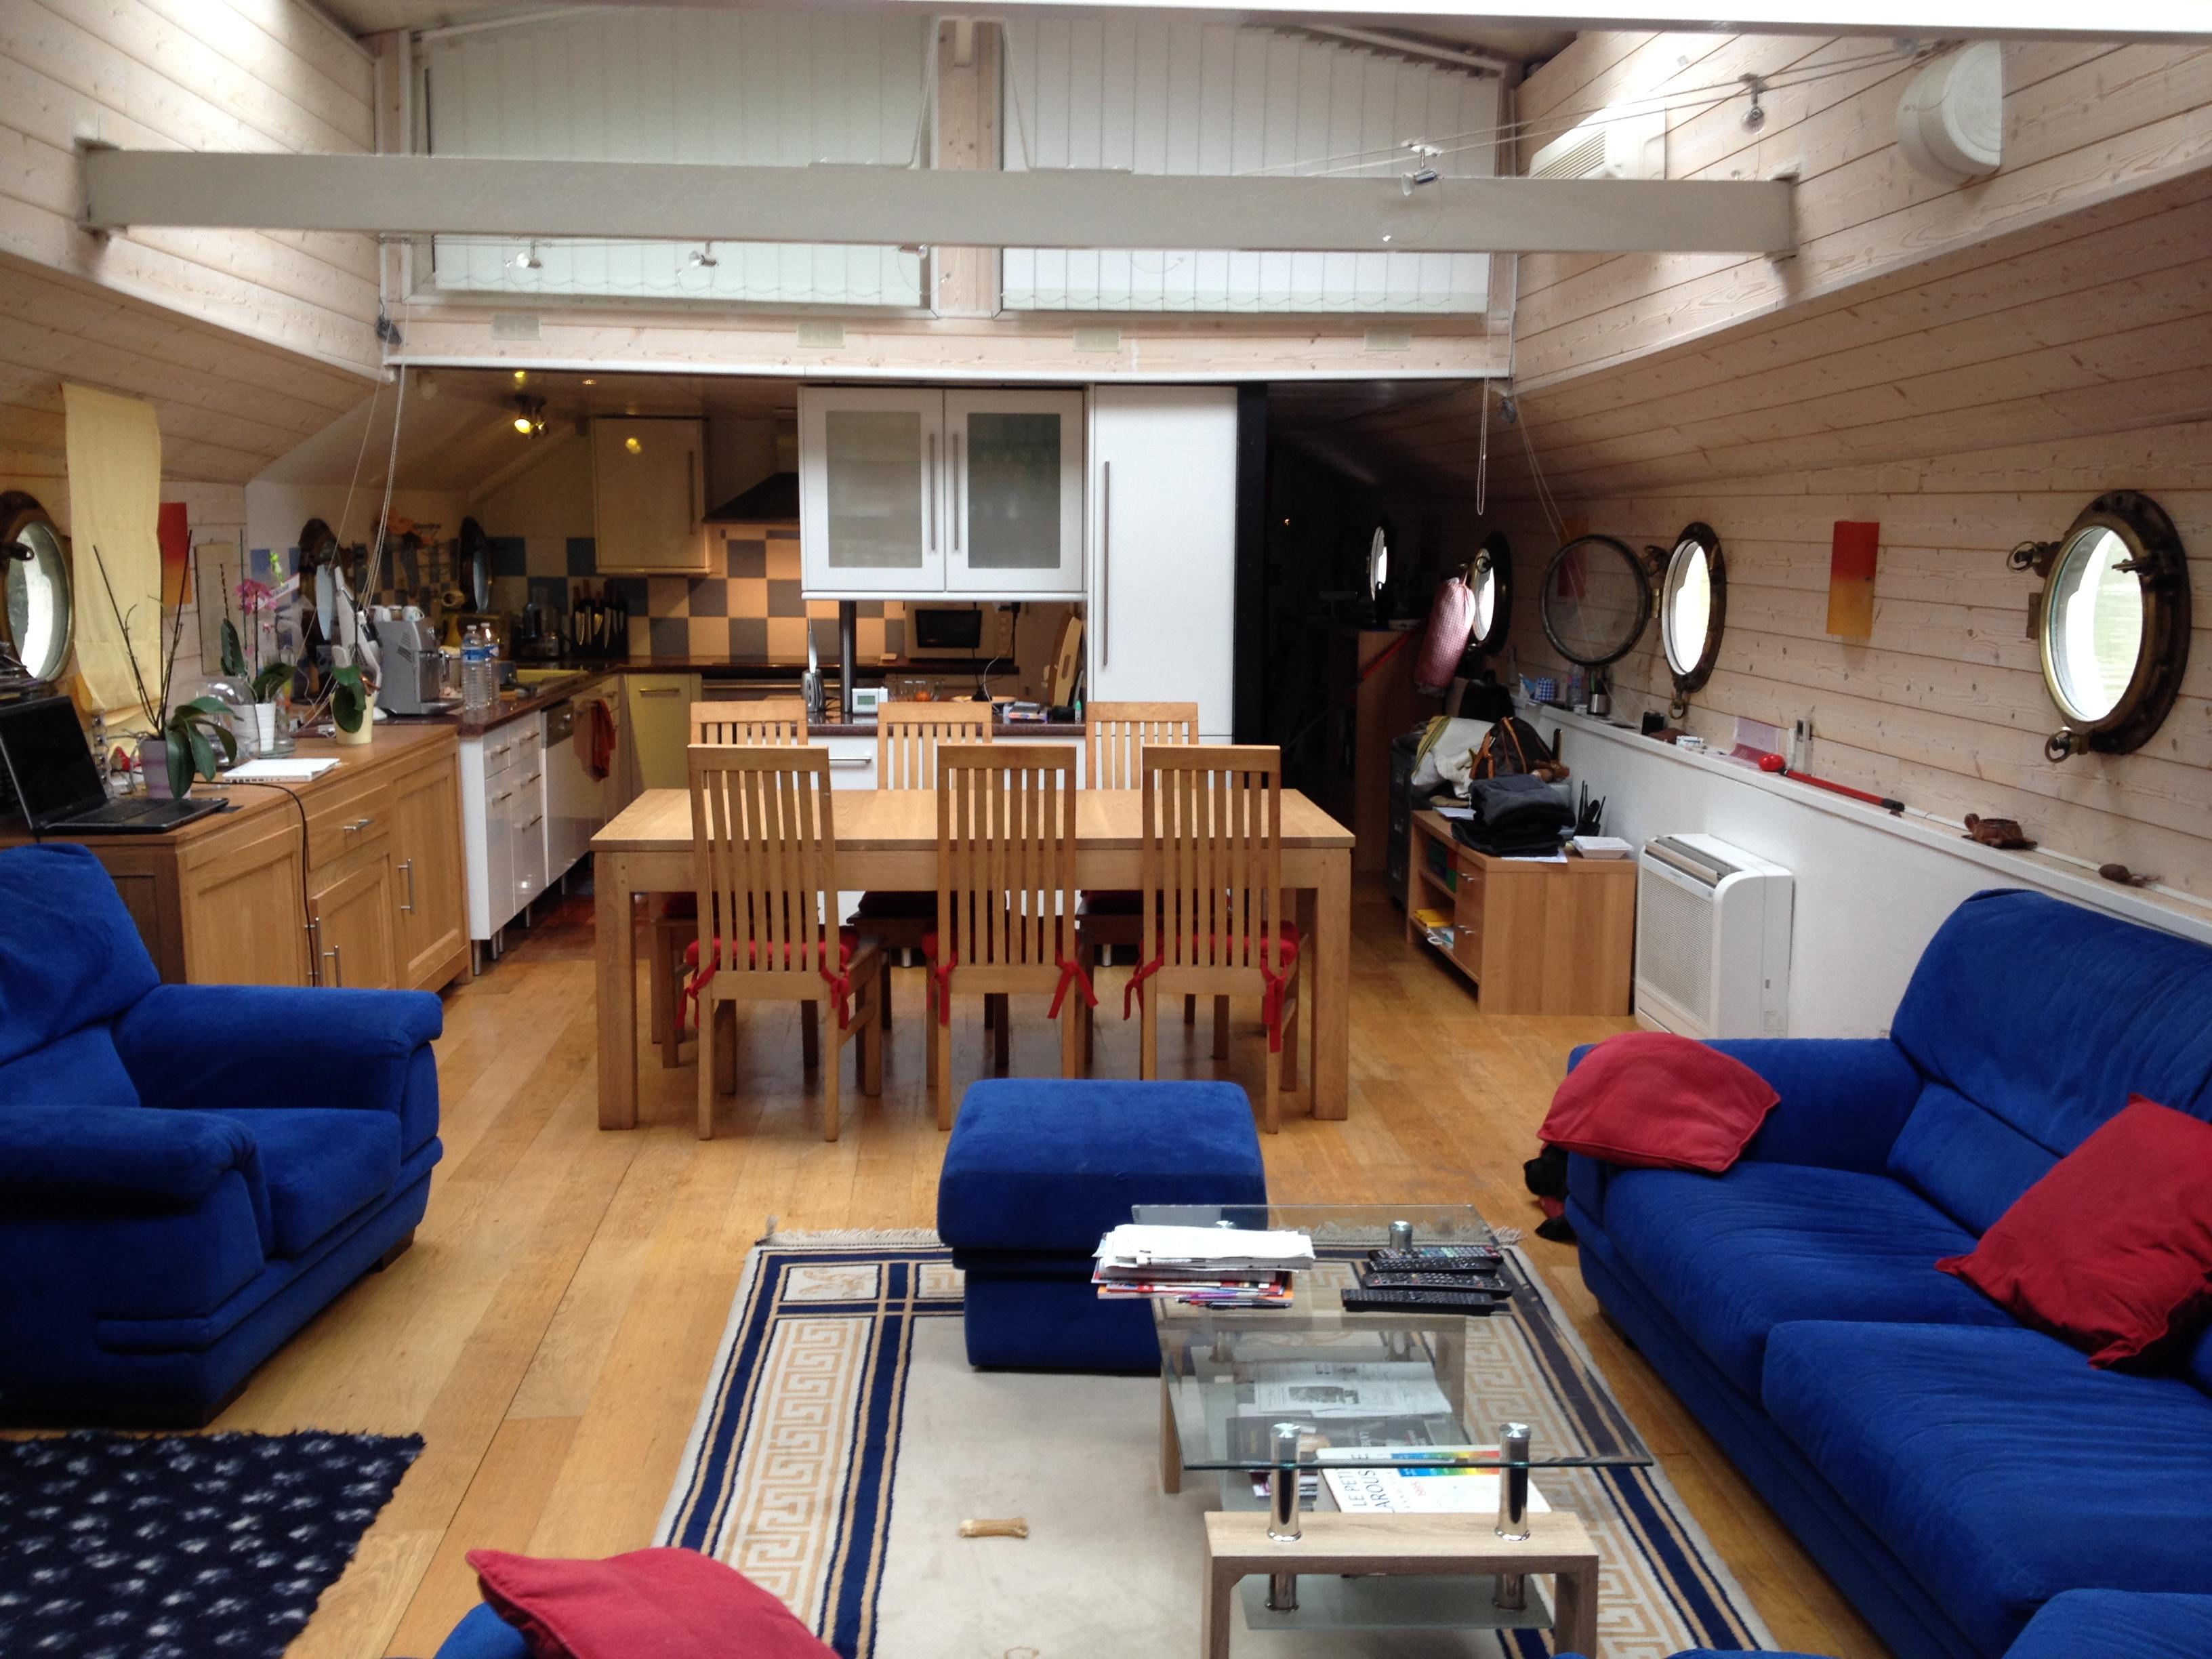 p niche d 39 habitation type freycinet 94 seine plus sp cialiste du bateau logement p niche. Black Bedroom Furniture Sets. Home Design Ideas